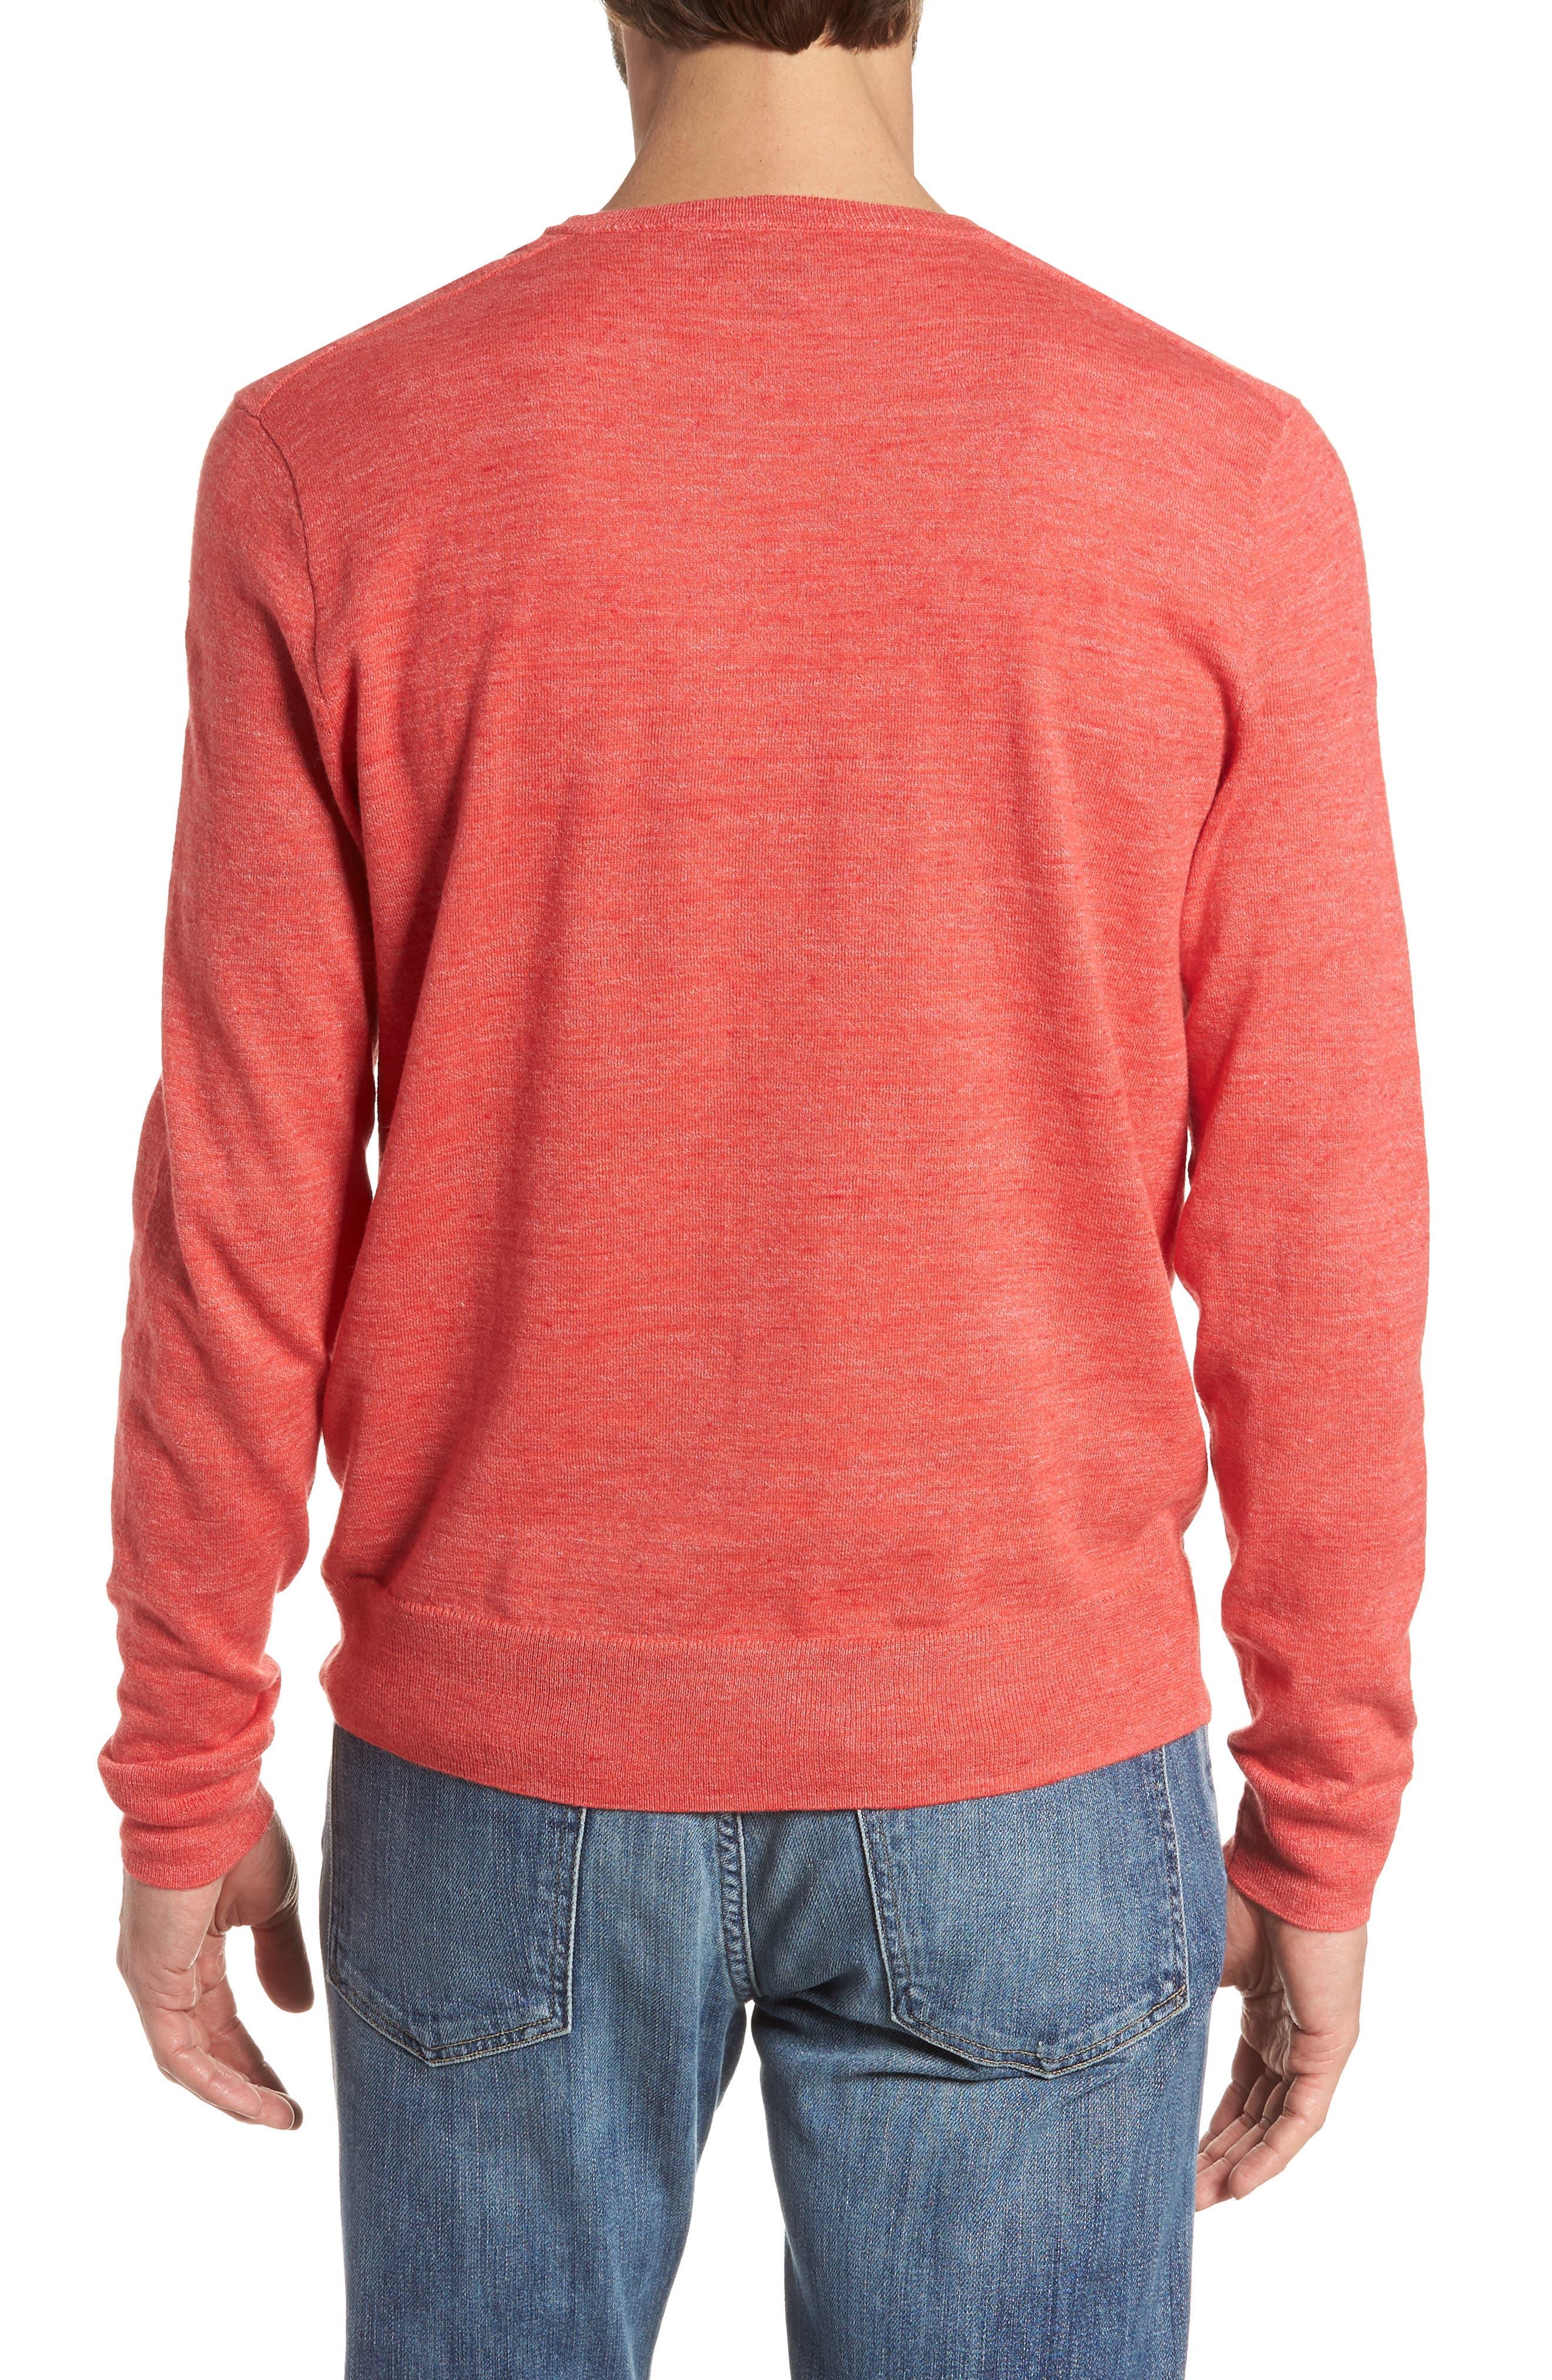 Cotton Blend Crewneck Sweater,                             Alternate thumbnail 8, color,